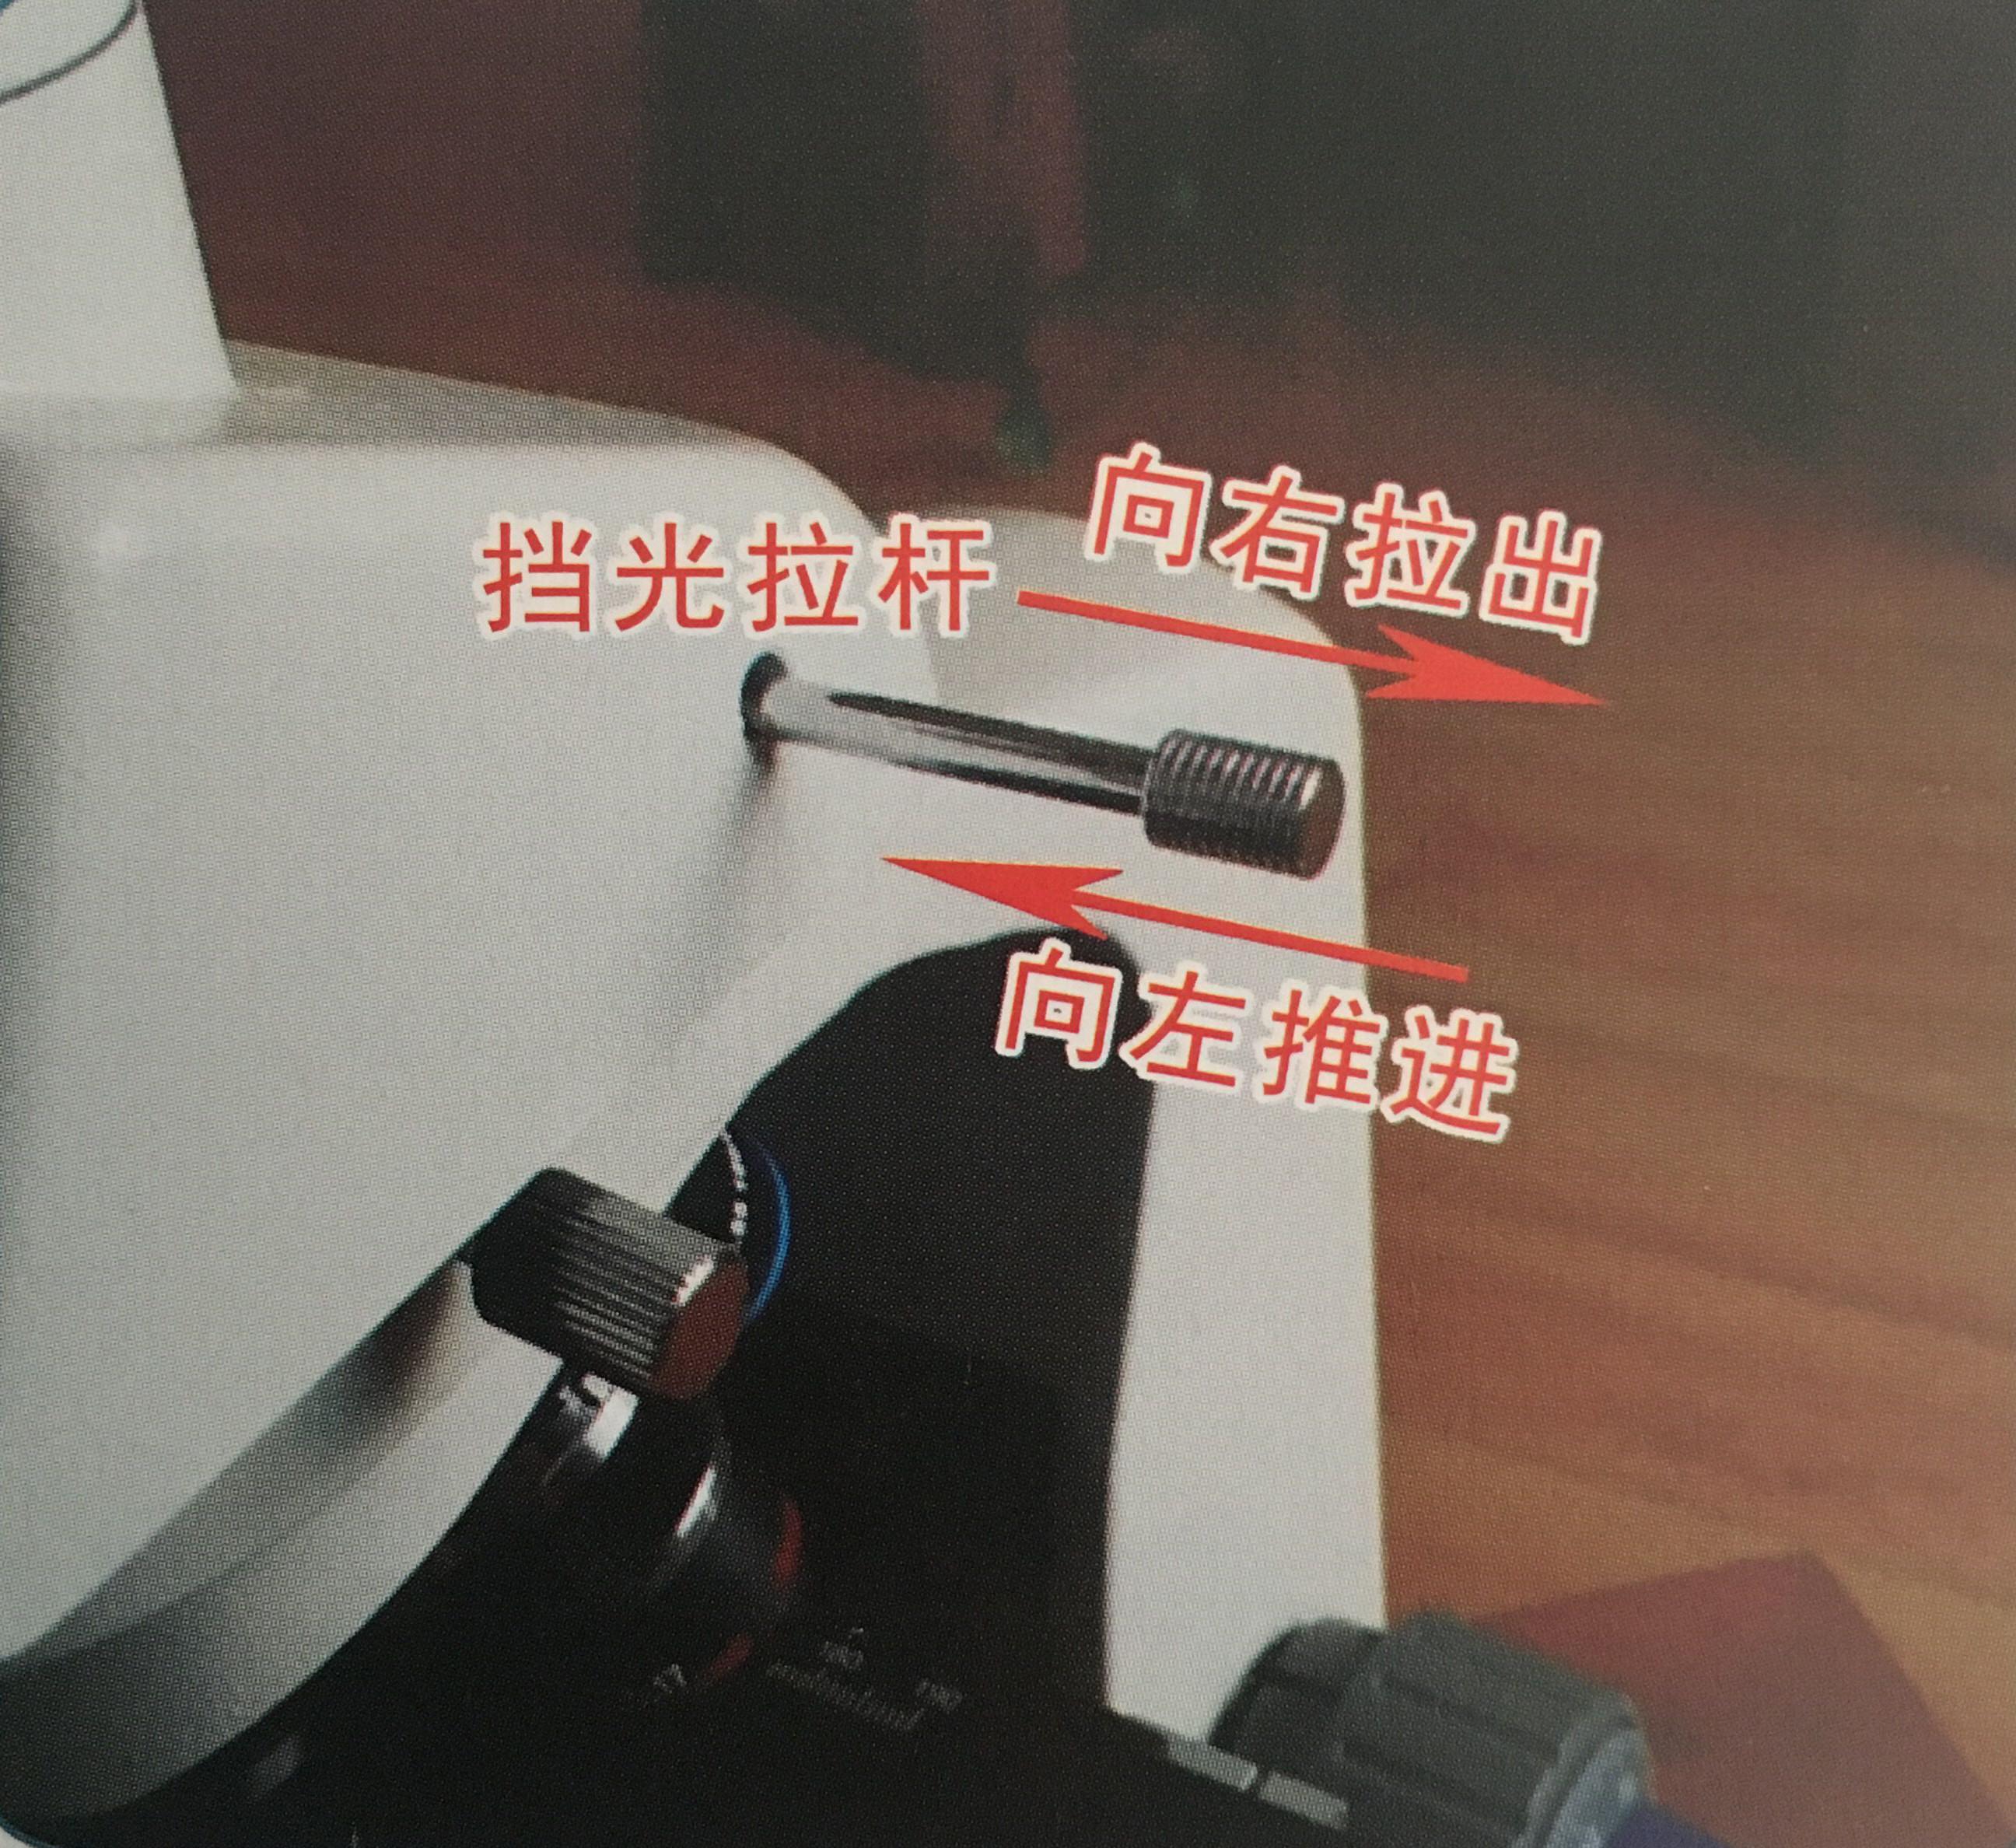 黑背景一滴血检测仪挡光拉杆